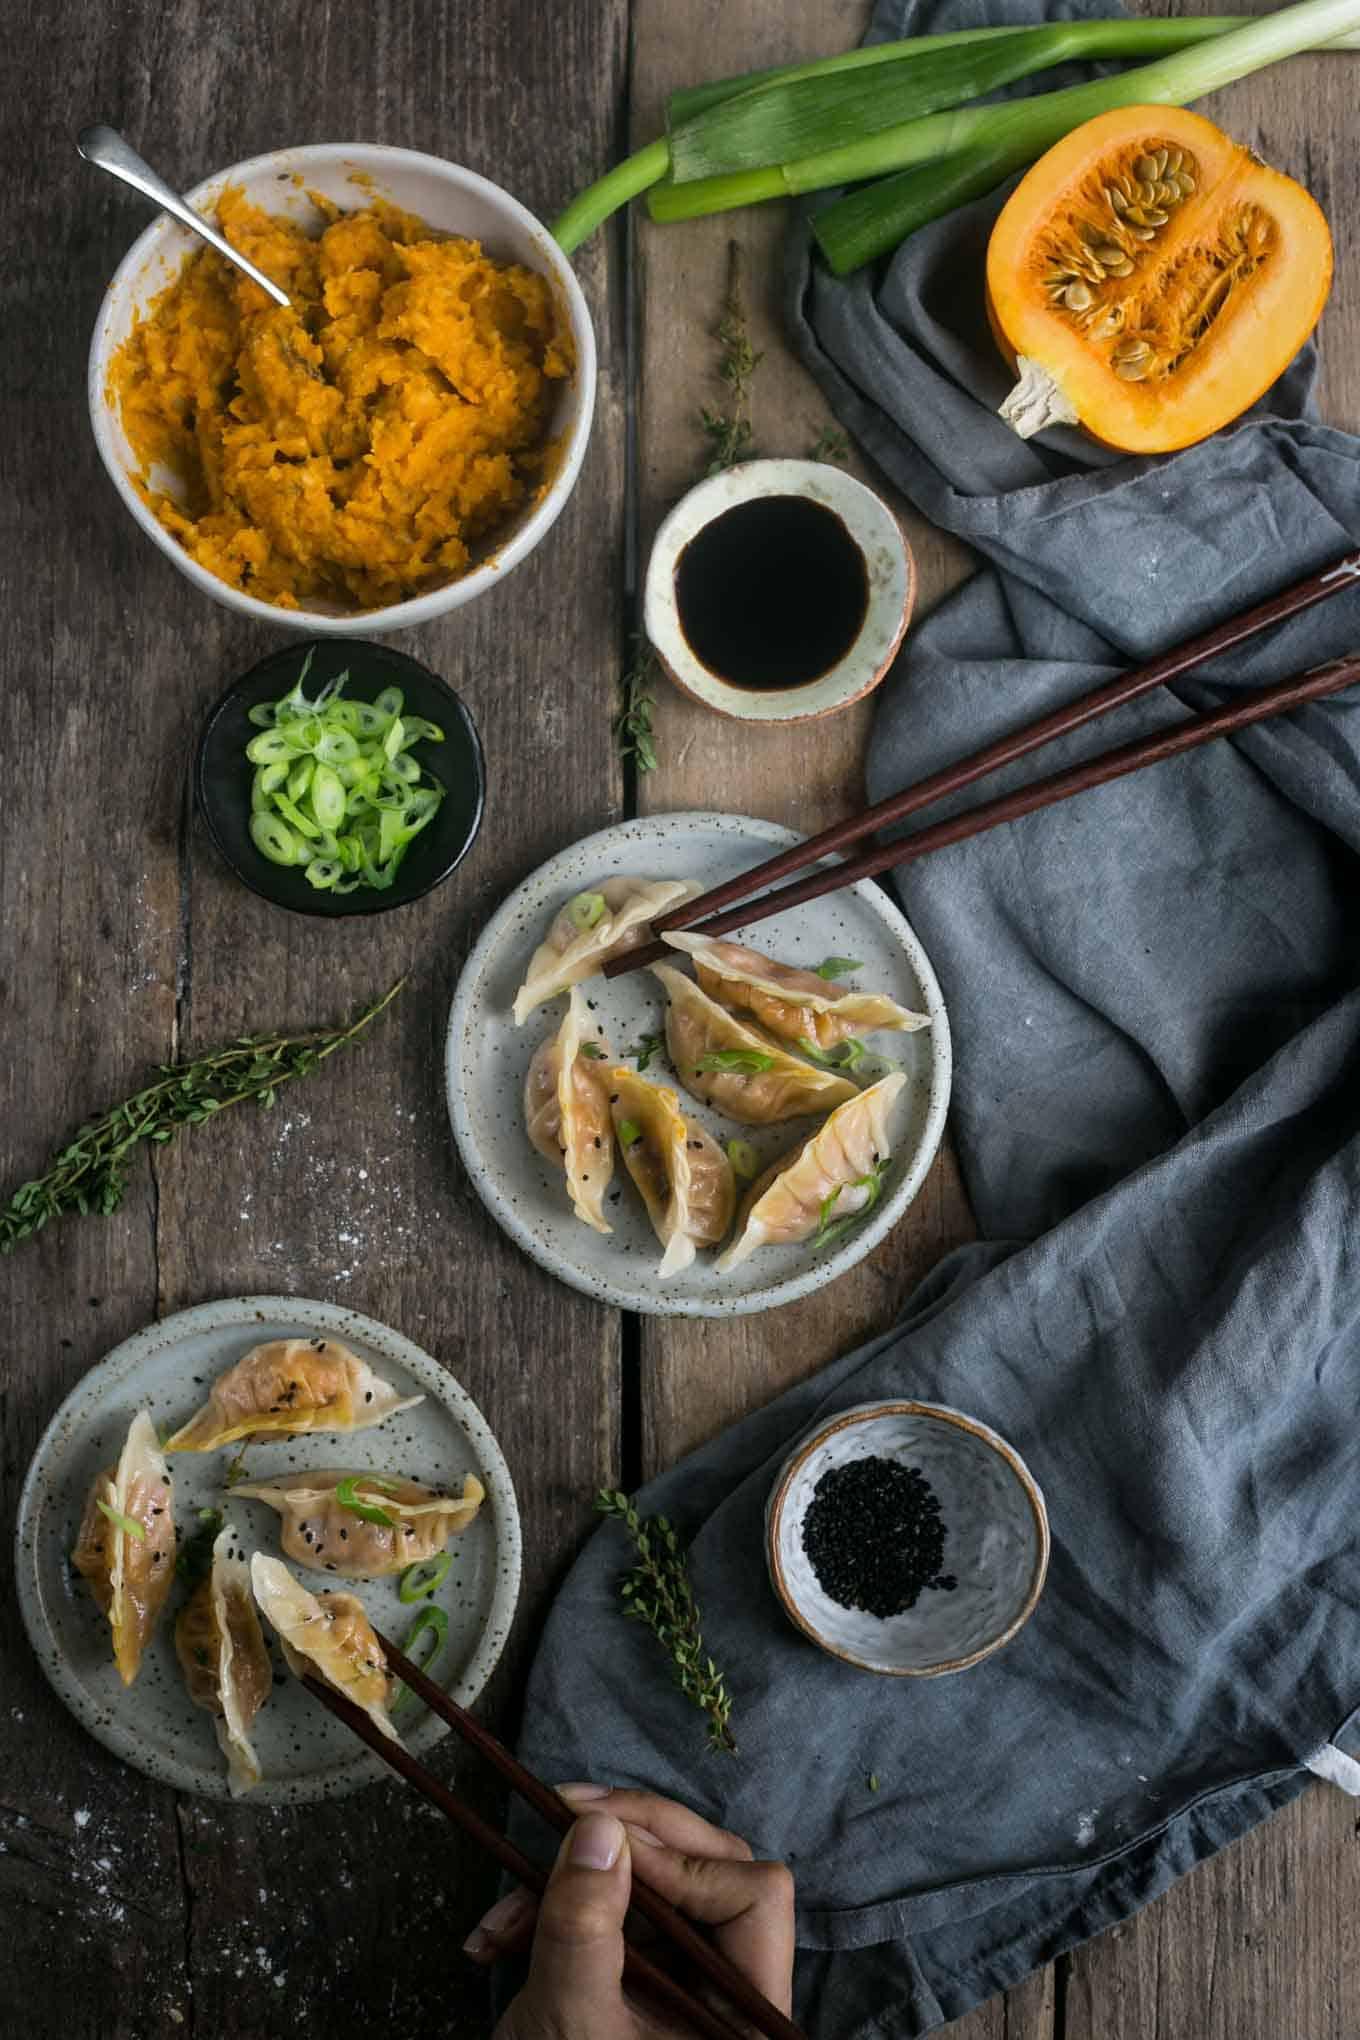 Pumpkin and root vegetable goyoza dumplings #vegan #goyoza | via @annabanana.co